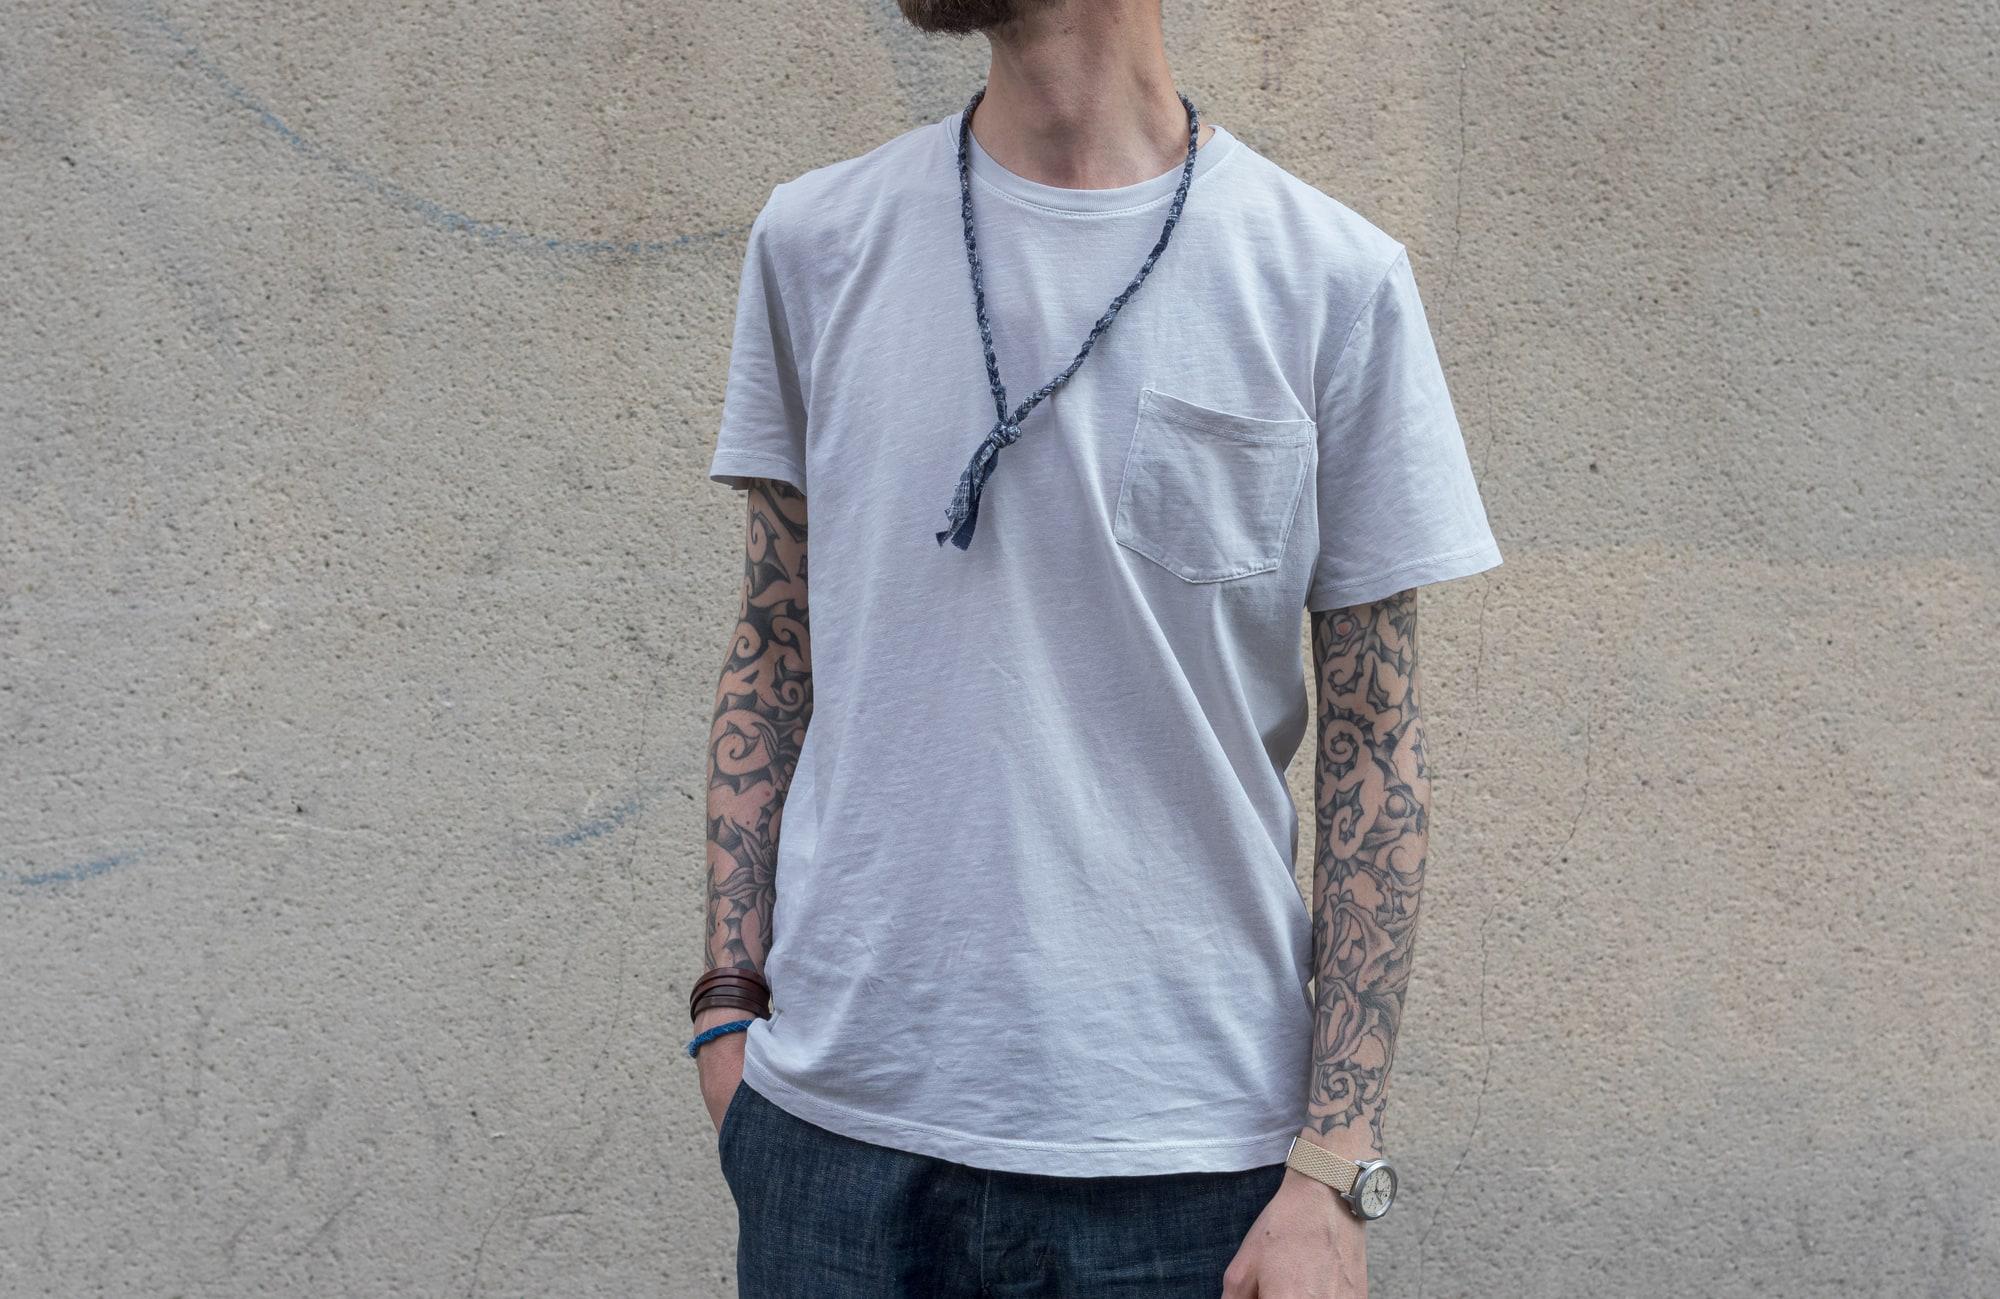 tenue style street heritage workwear d'inspiration militaire avec tee shirt gustin et cargo pants orslow et un collier tressé pour homme Borali